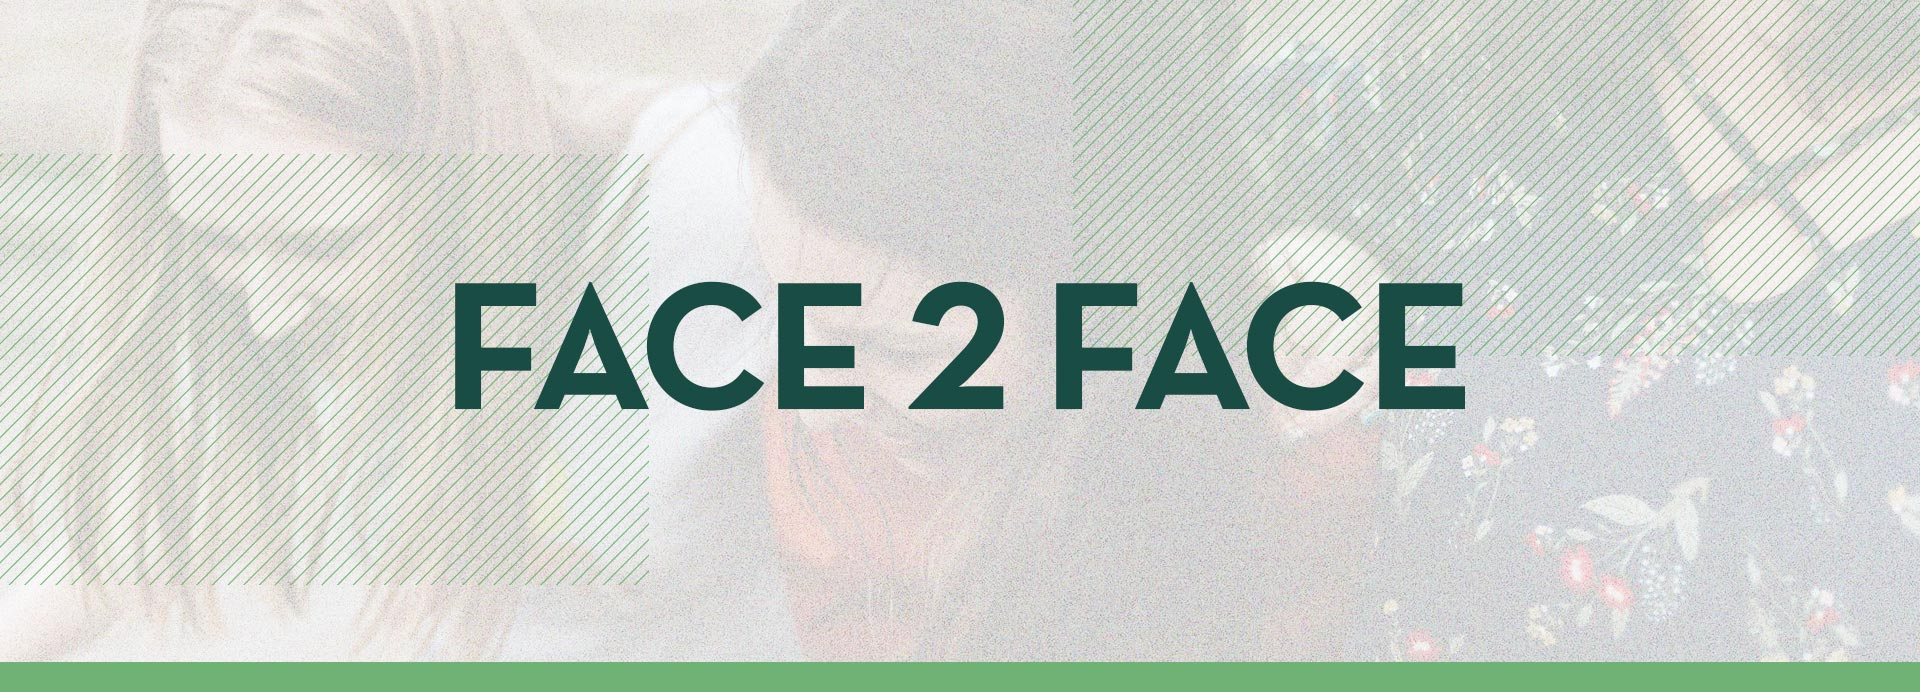 Face2Face_1920x692.jpg